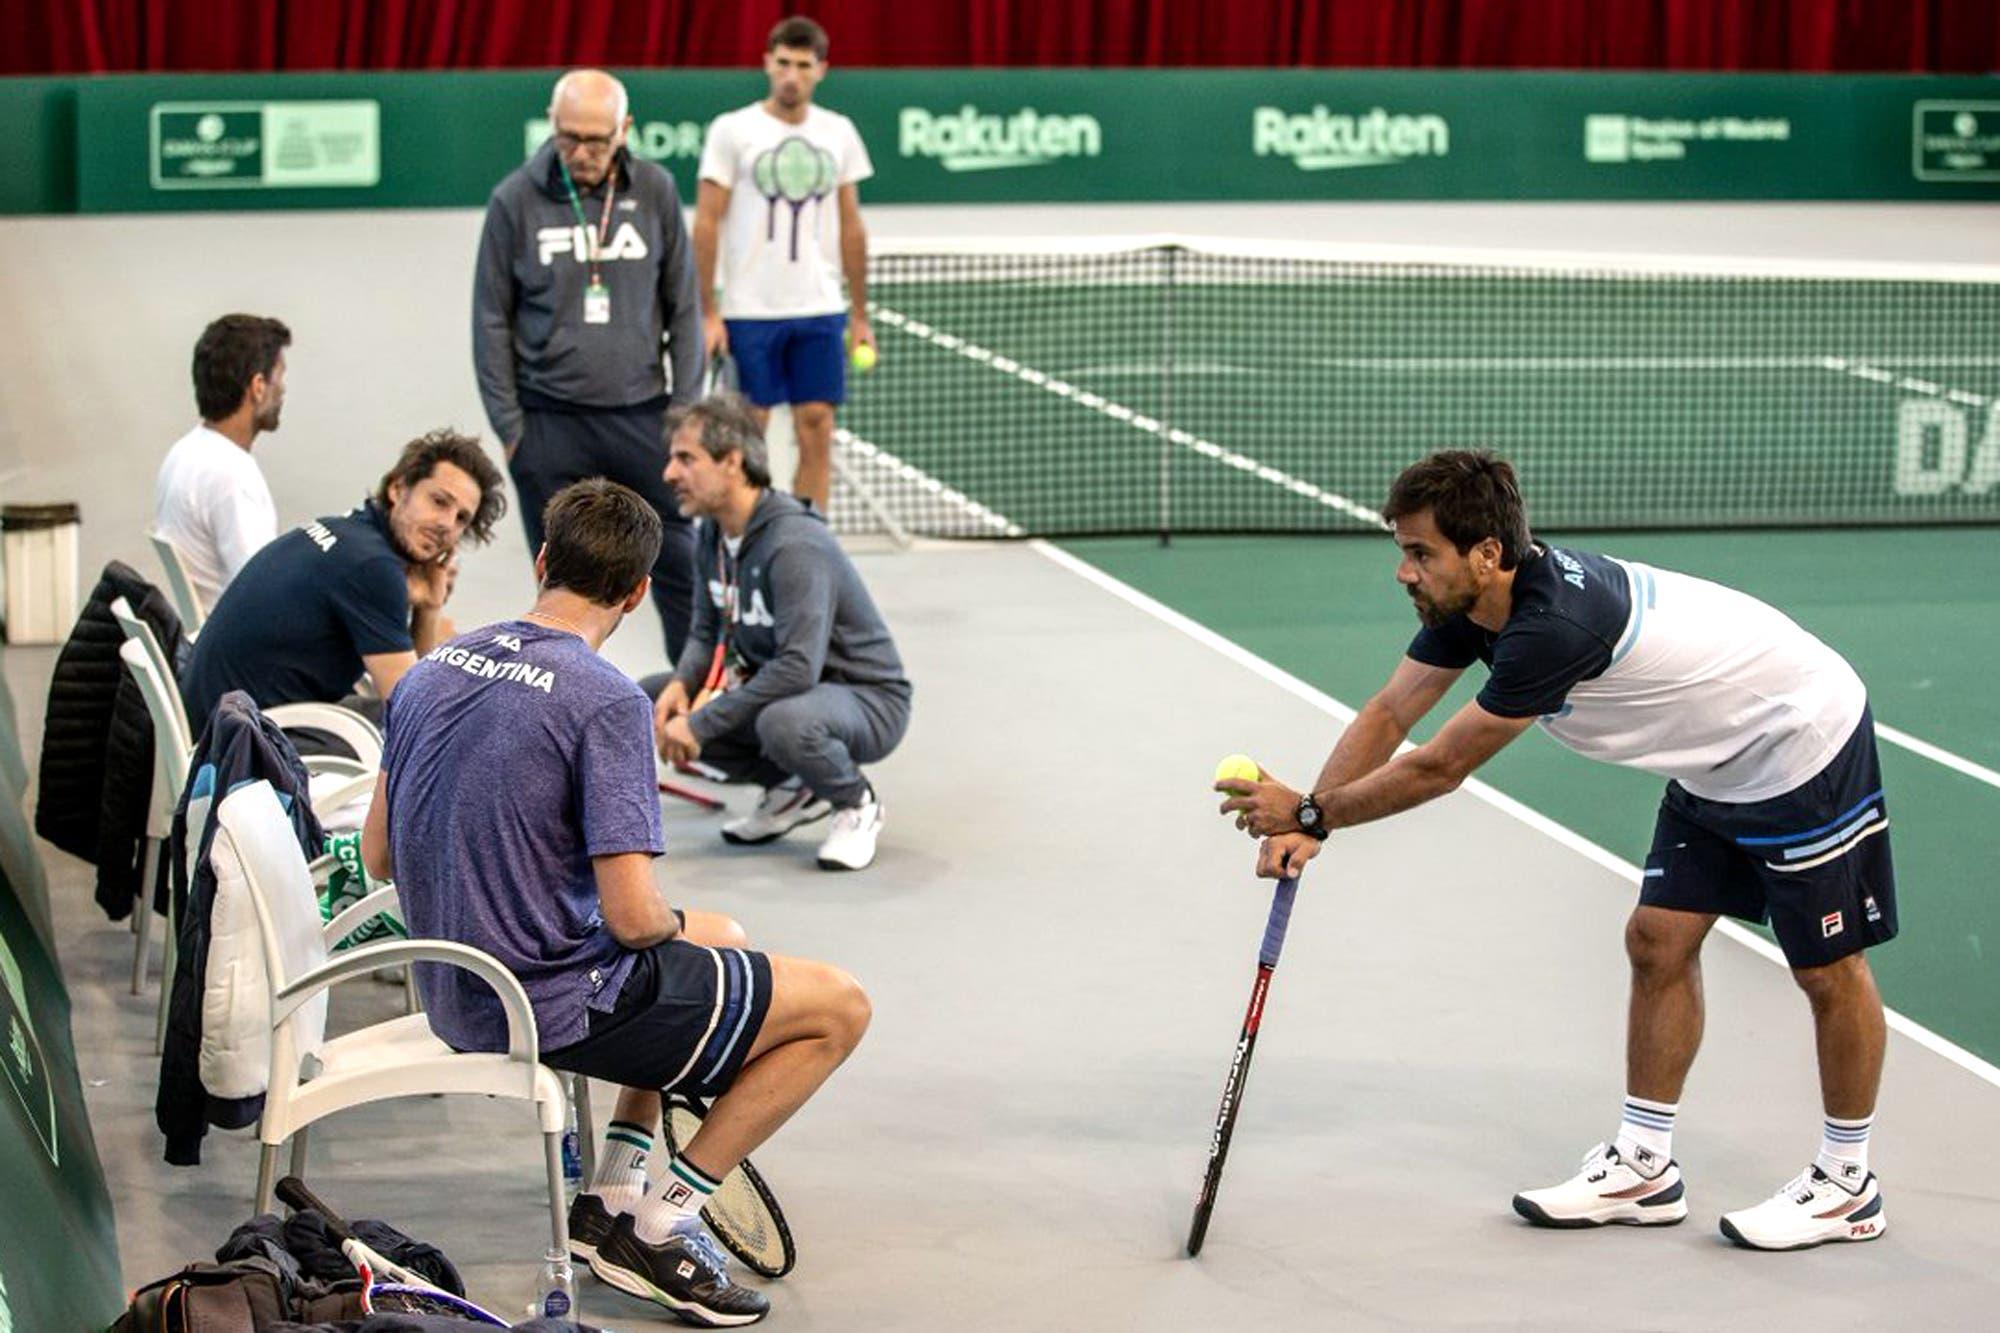 La Argentina ya está en Madrid para la nueva Copa Davis: el quinteto se entrenó en la Caja Mágica